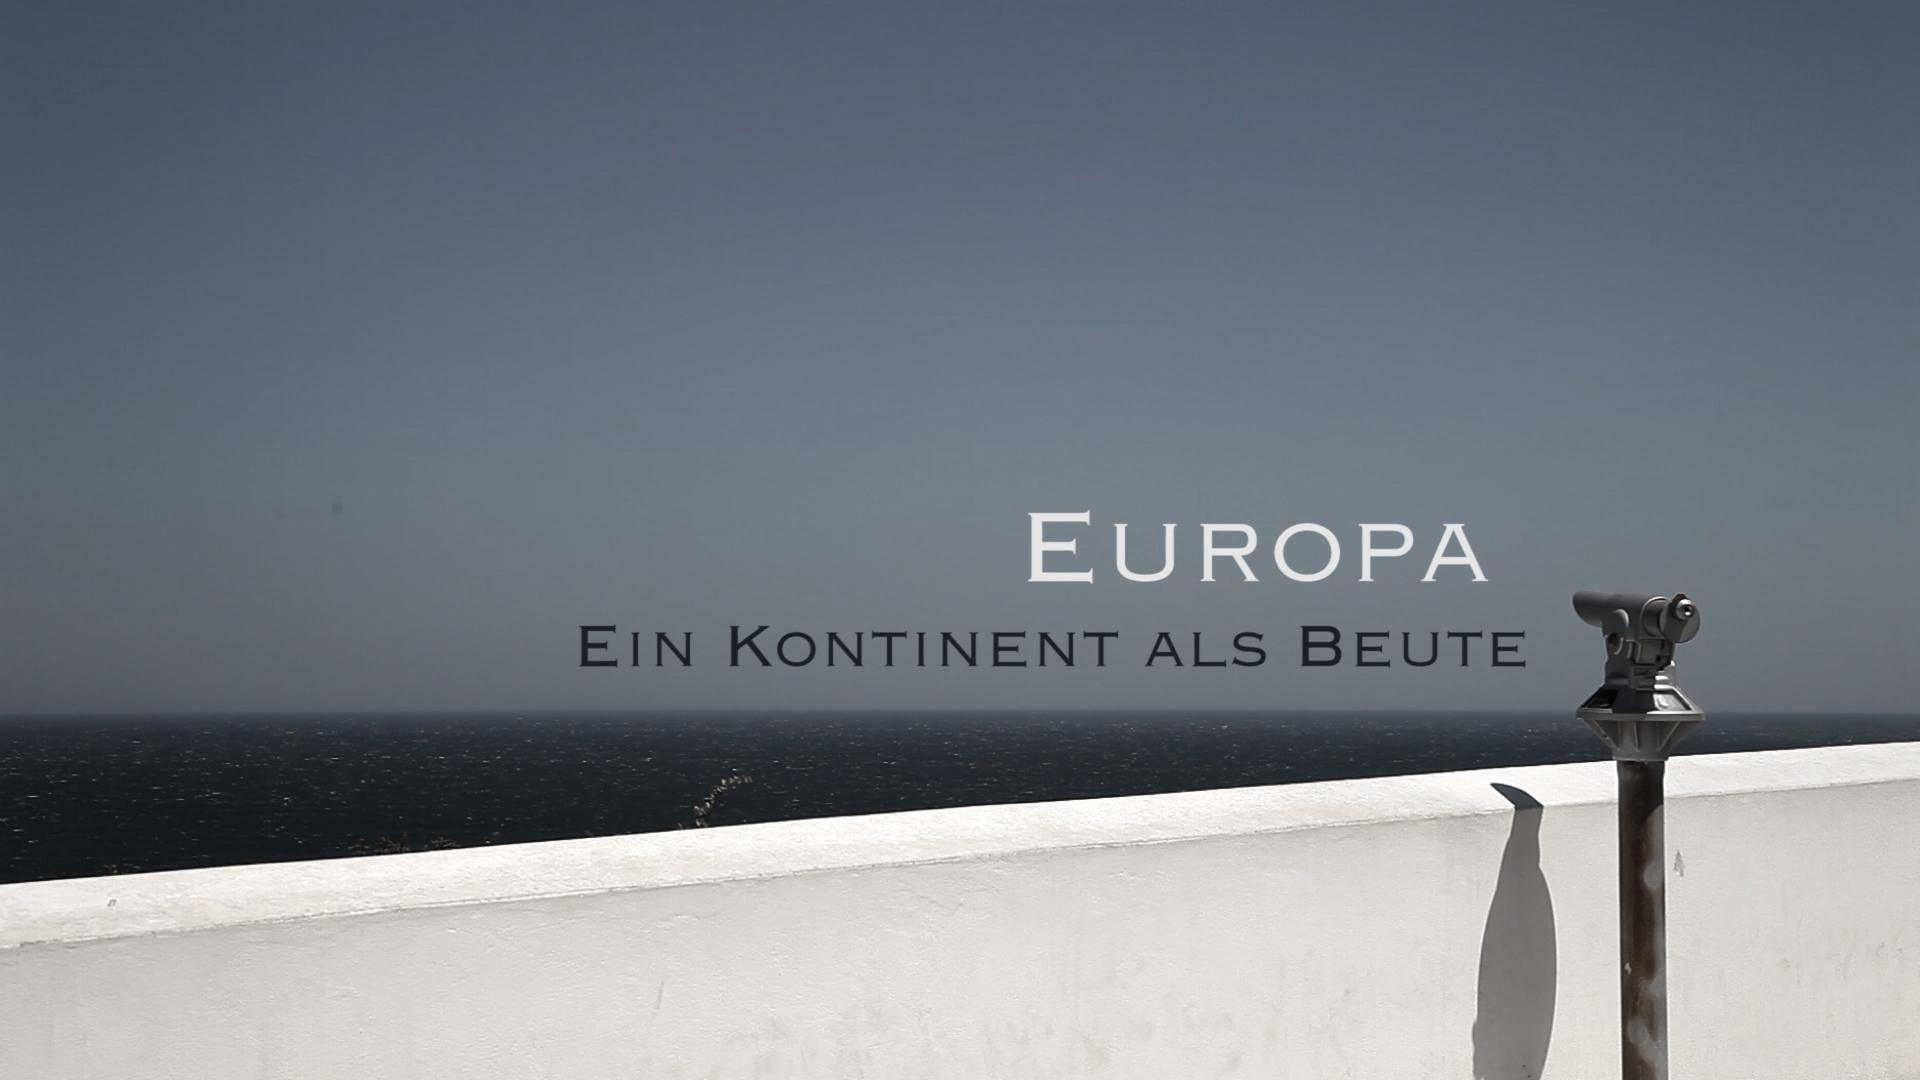 Europa - Ein Kontinent als Beute